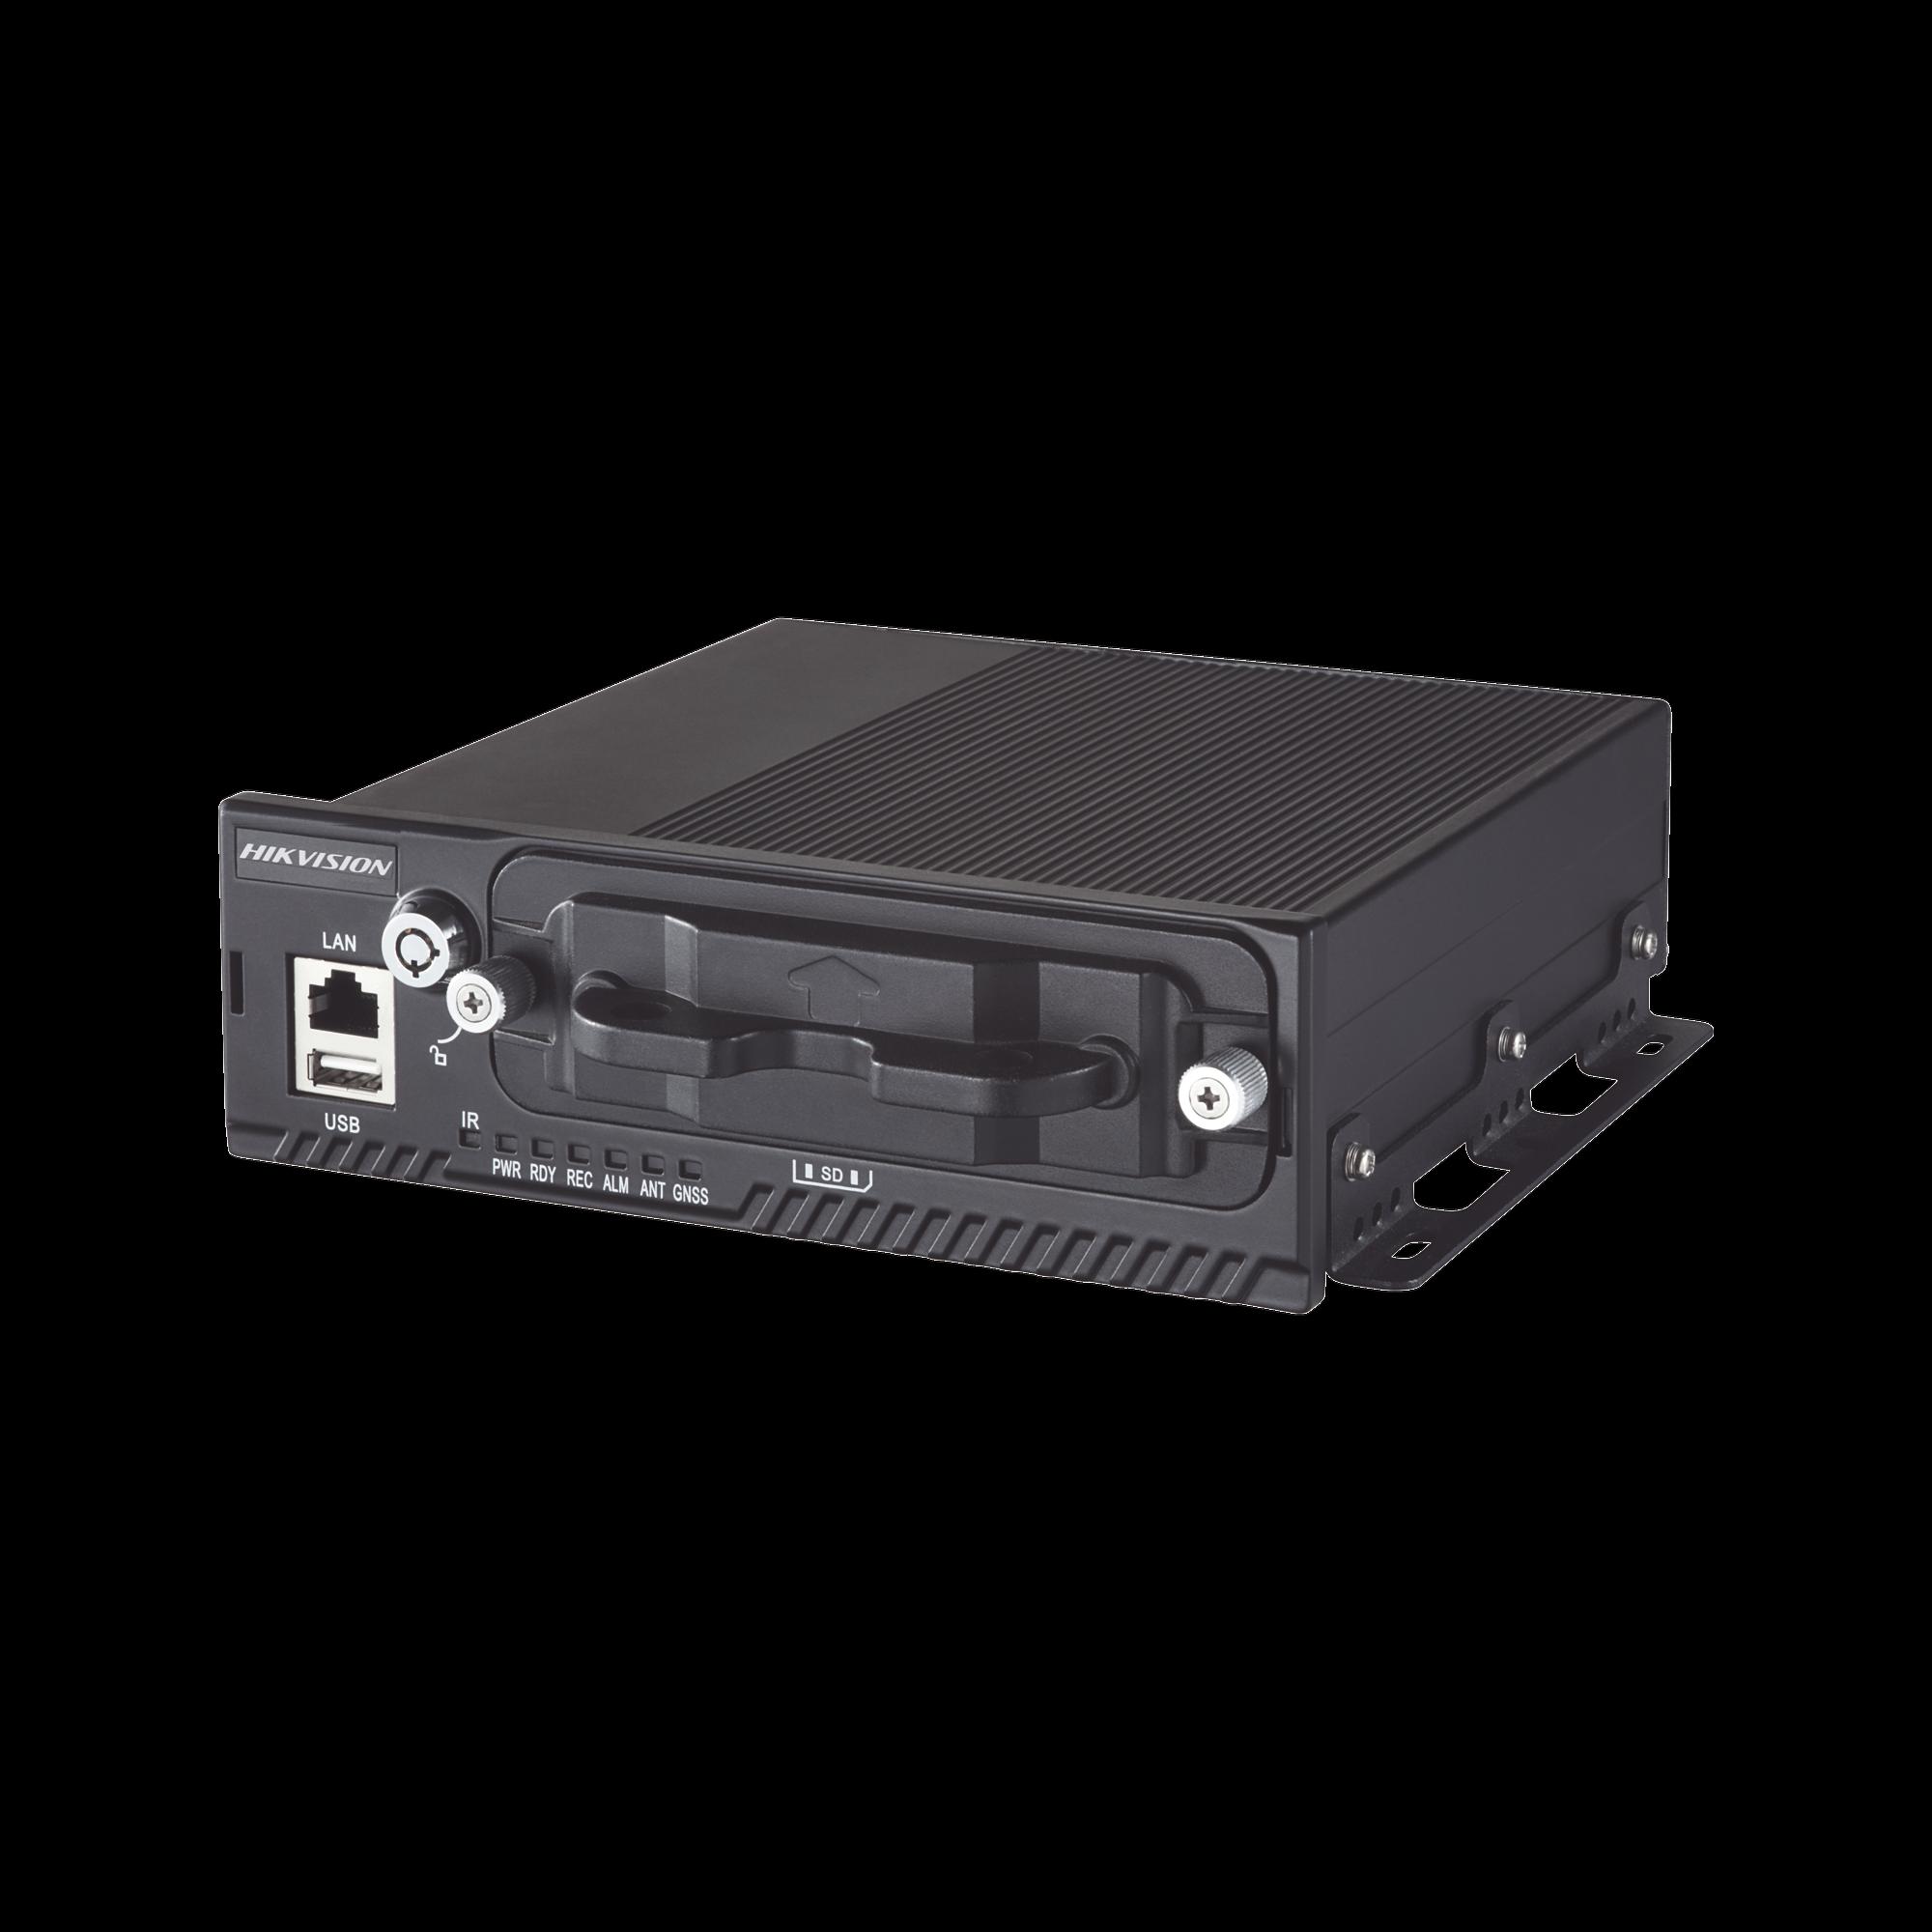 NVR movil 4 canales de 2MP con 4 puertos PoE / 3G-4G / GPS / WI-FI / 2 Bahías de disco duro de 2TB